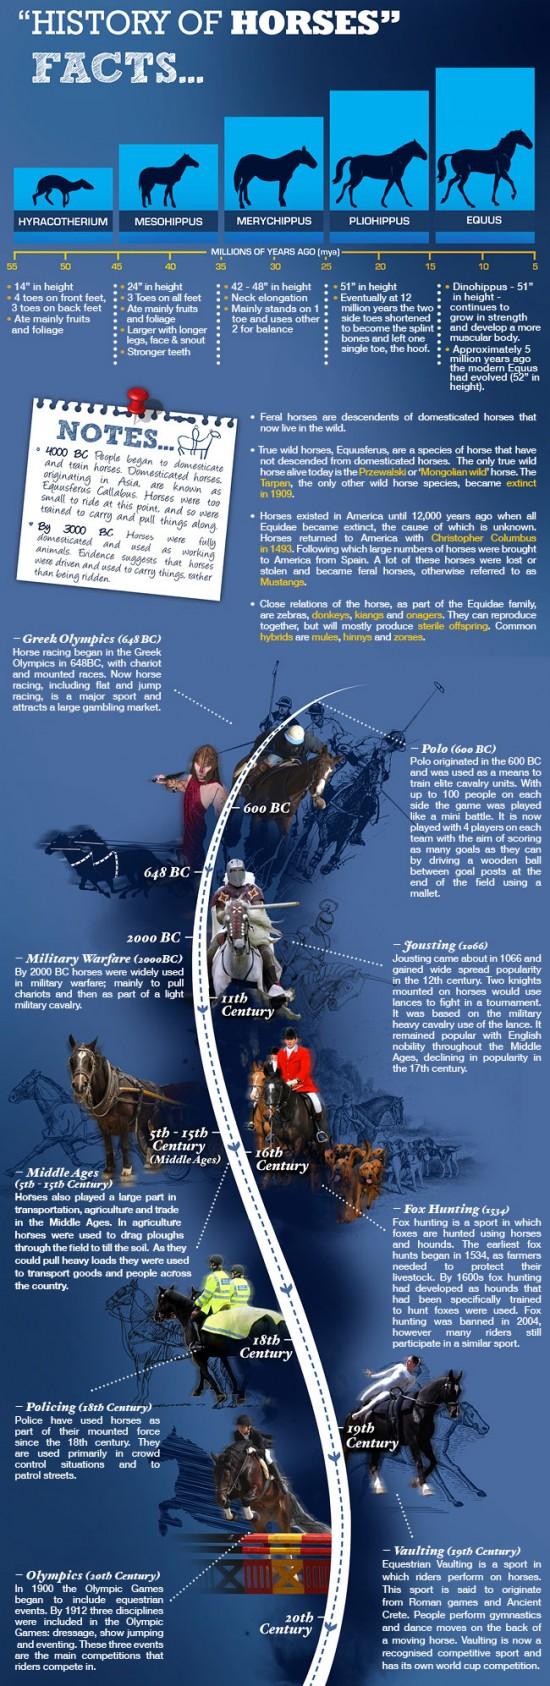 History of Horses